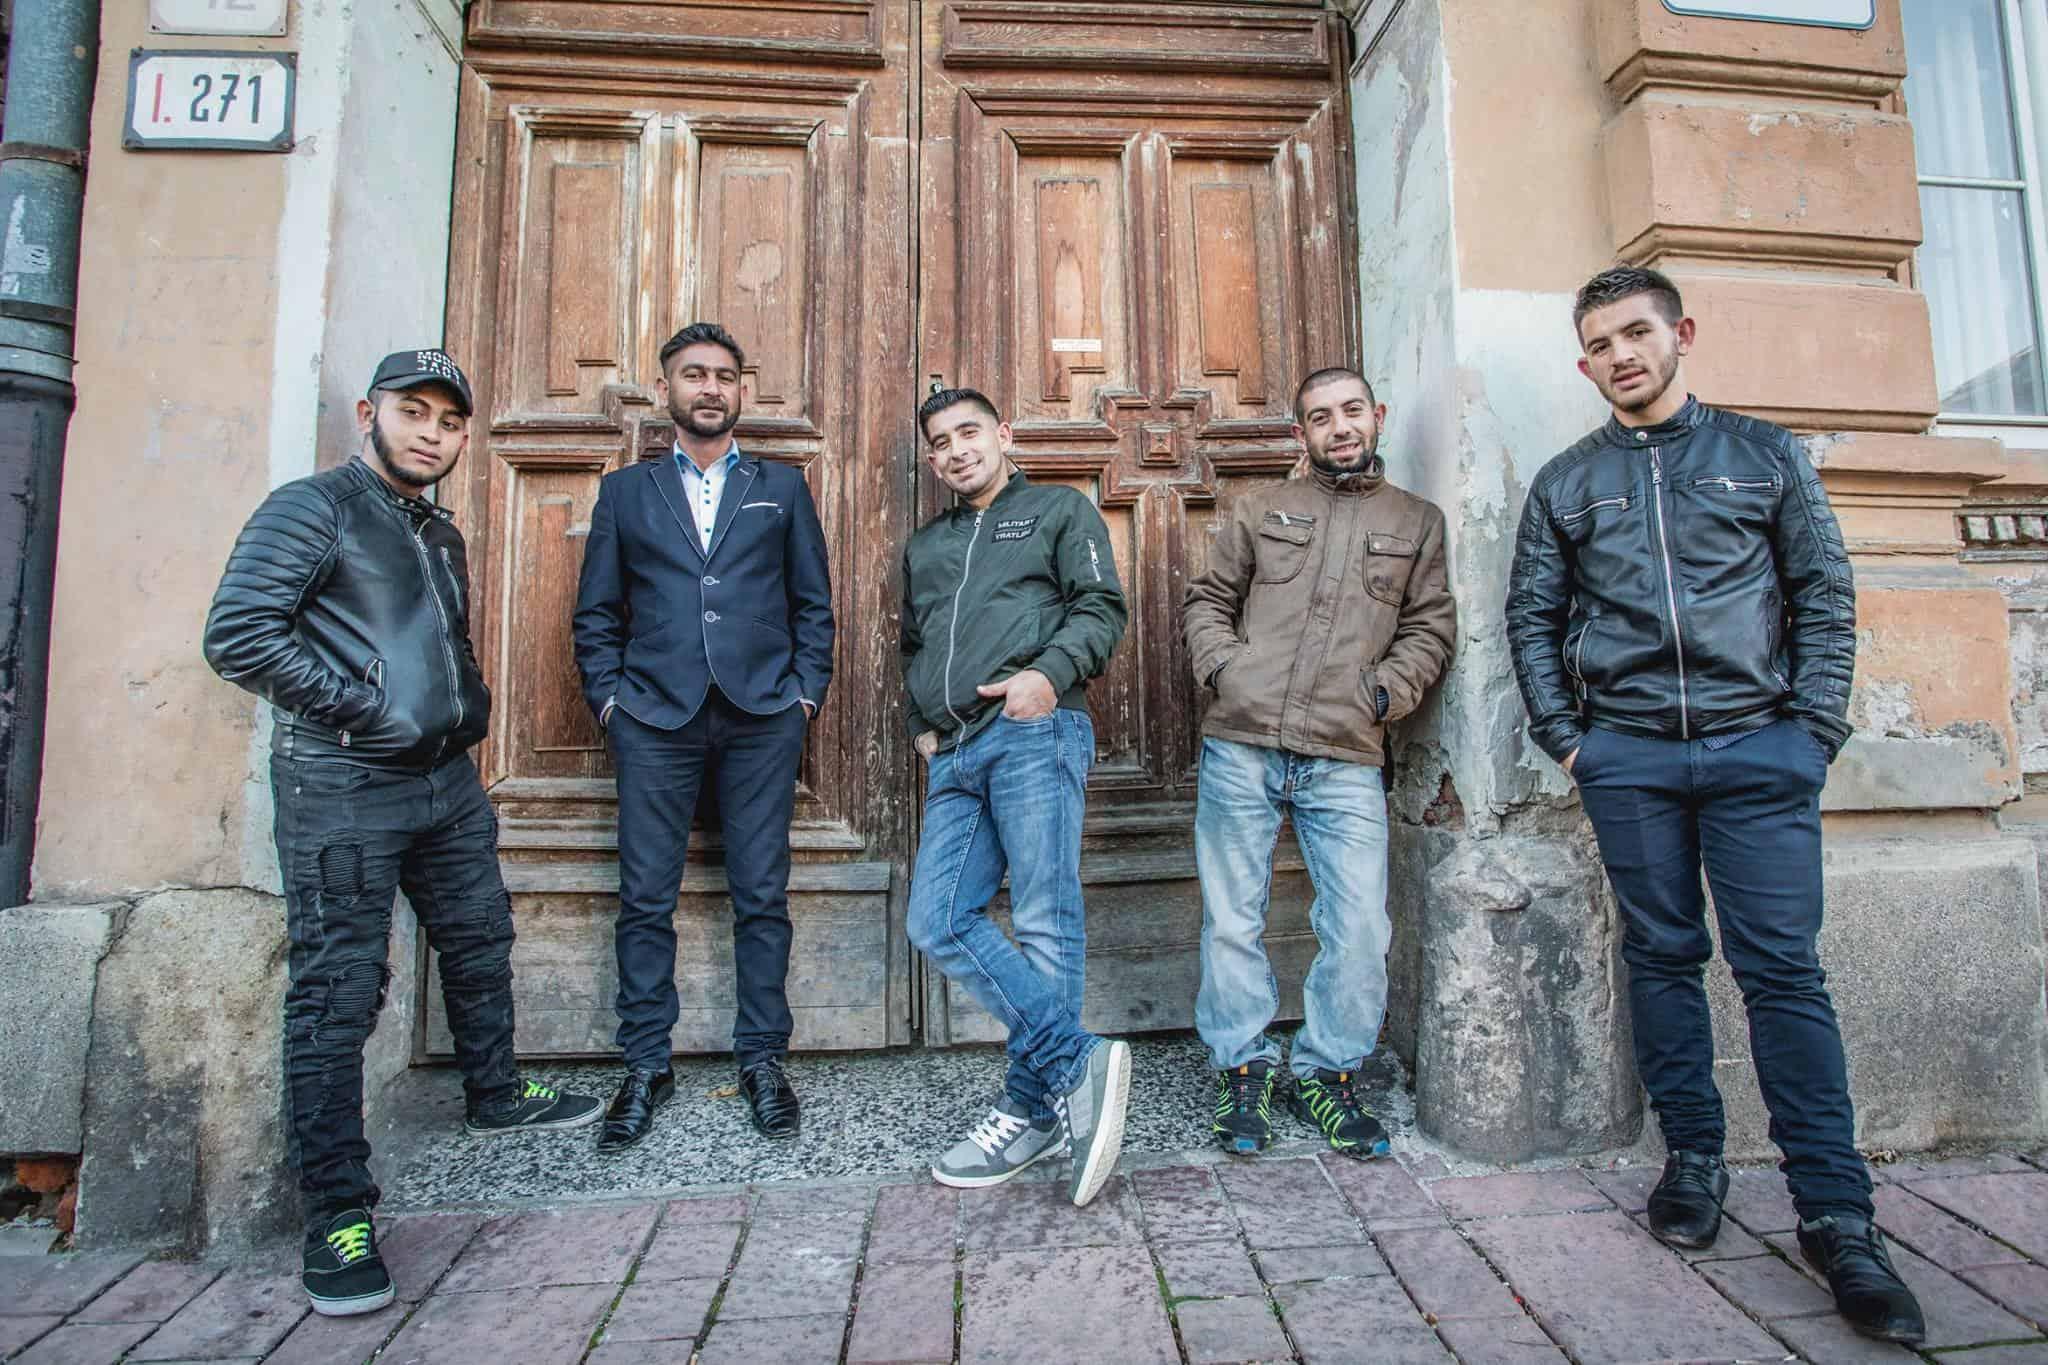 lumineers kapely členov datovania